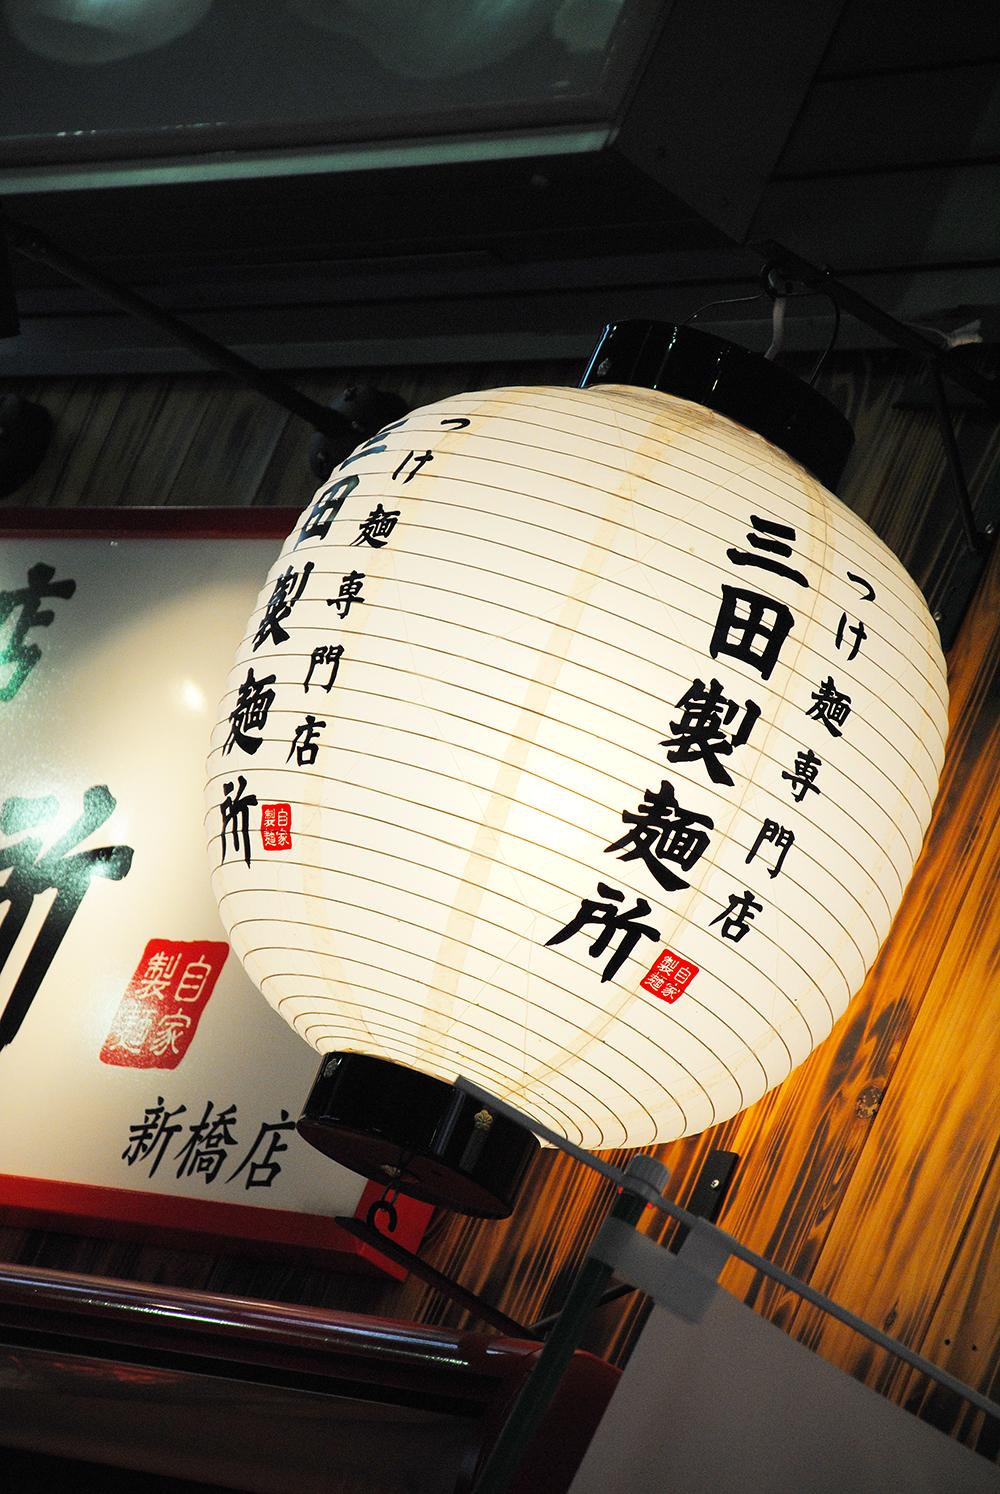 tokyo at night Japanese lanterns